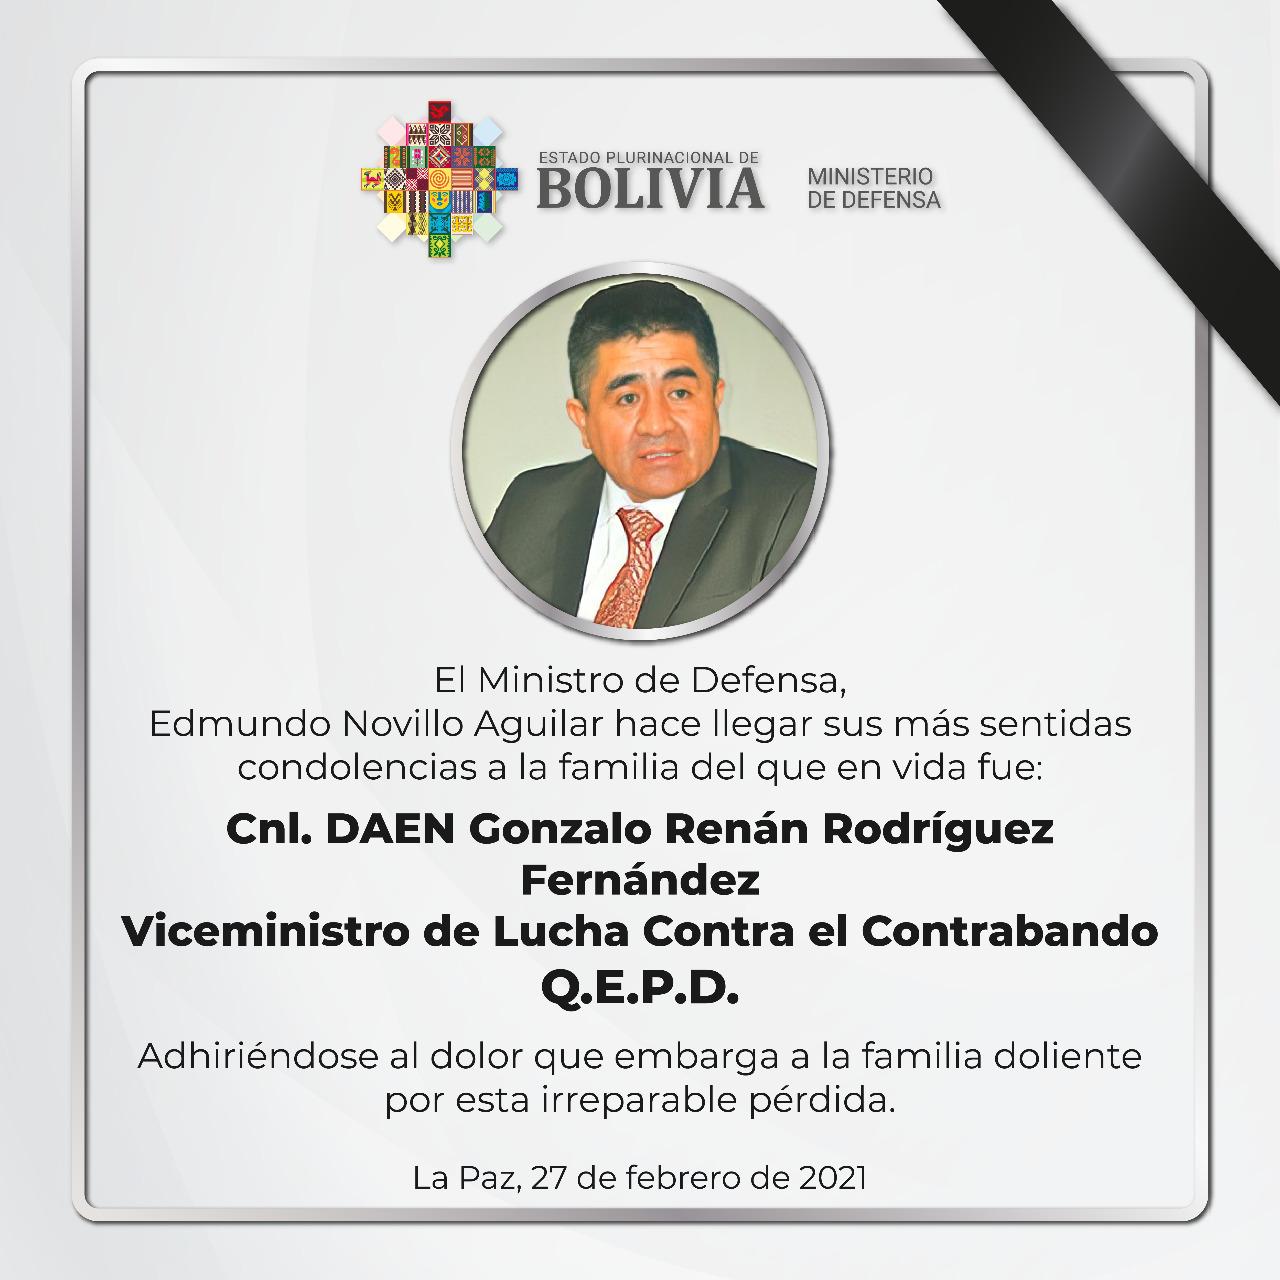 Fallece el Viceministro de Lucha Contra el Contrabando